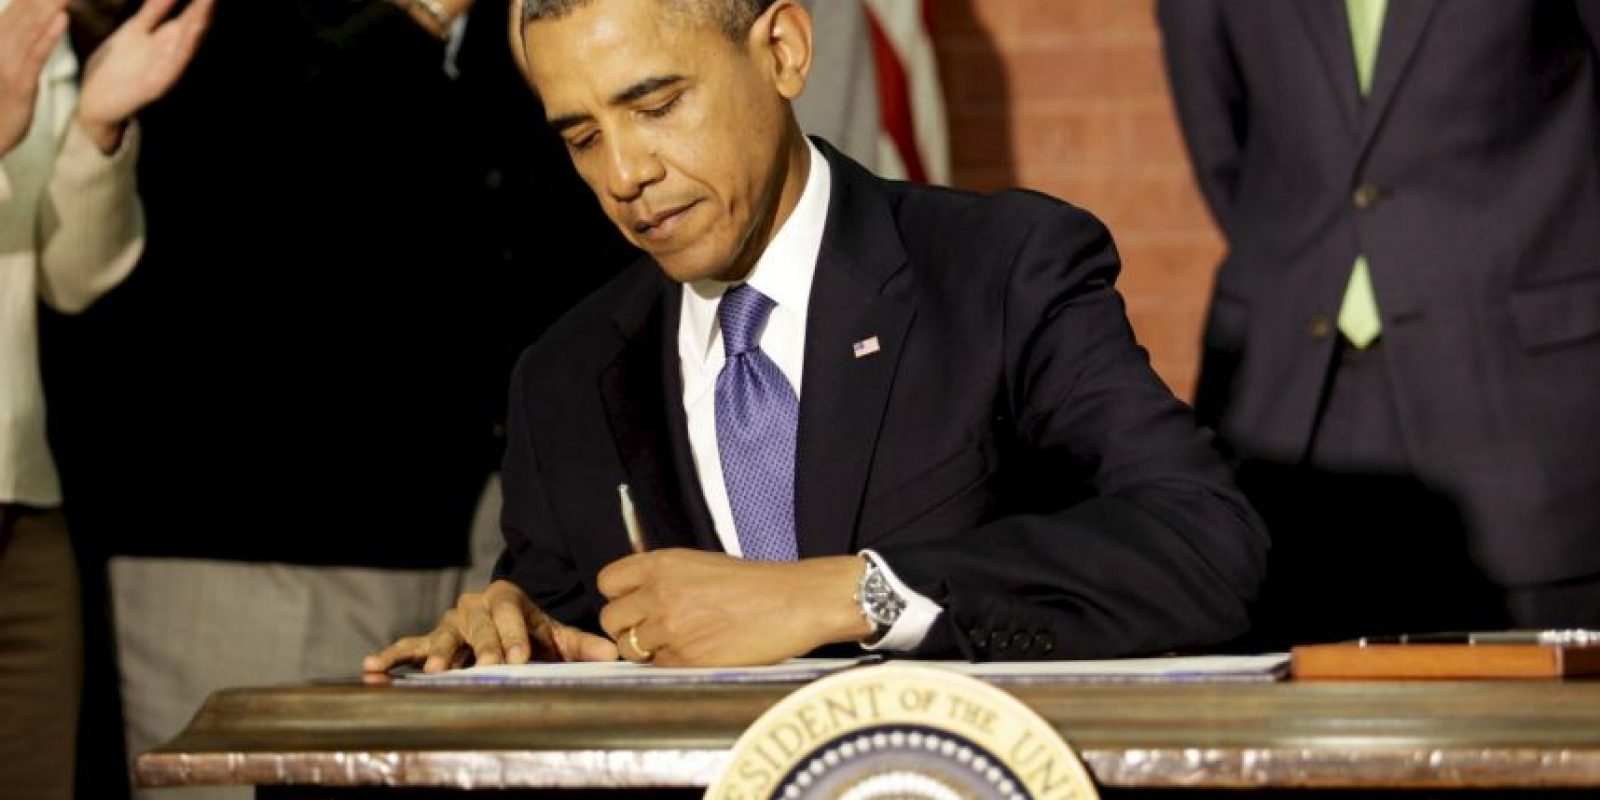 """2. El presidente Barack Obama explicó que """"Los inspectores tendrán acceso a las instalaciones las 24 horas"""". Foto:Getty Images"""